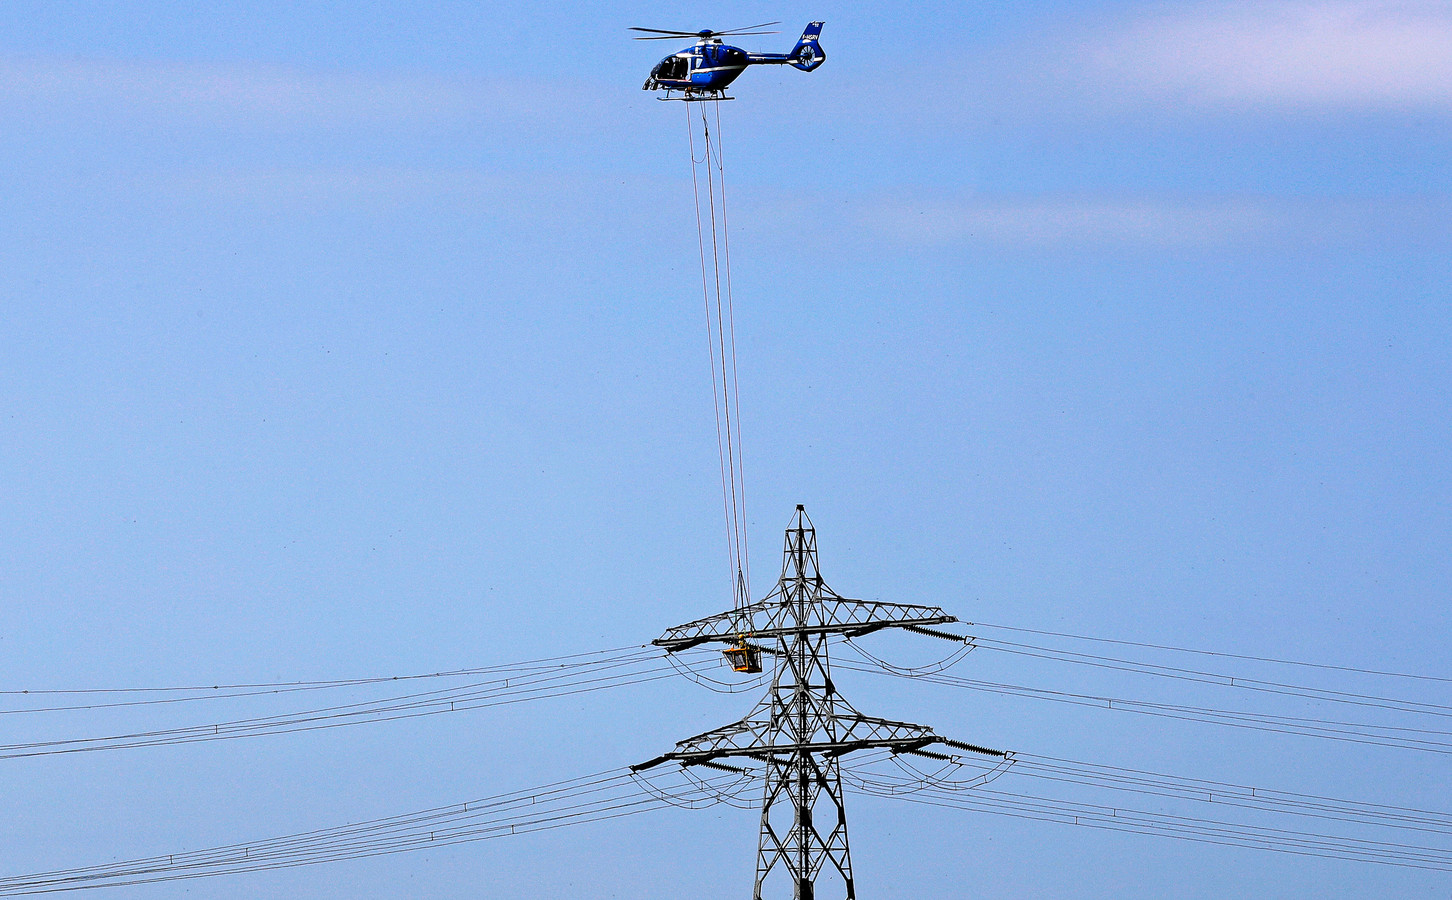 De helikopter hangt boven de hoogspanningsmasten en het bakje met monteurs zit ter hoogte van de stroomdraden.